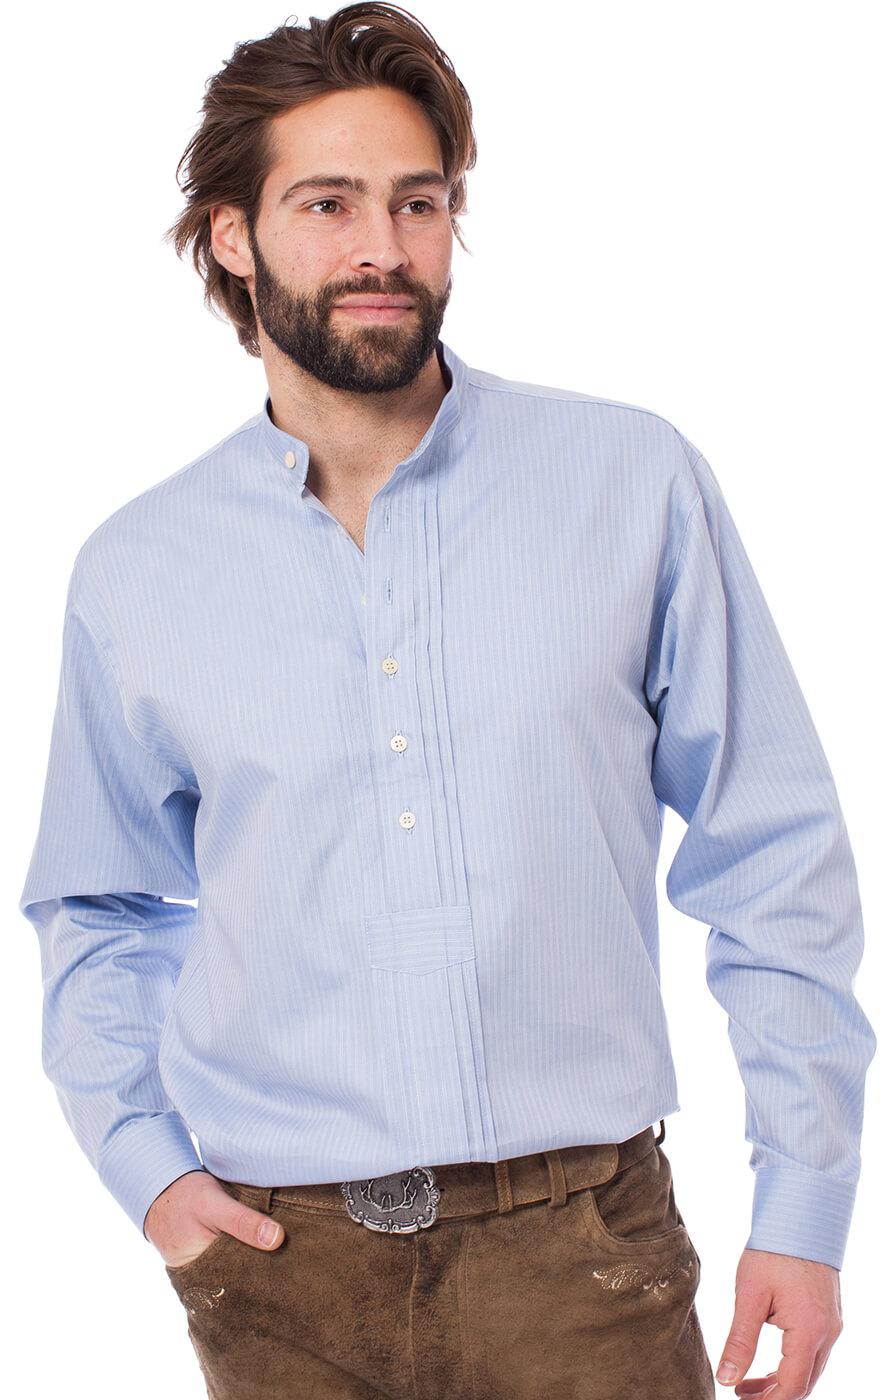 German traditional shirt 920001-3485-41 lightblue von OS-Trachten